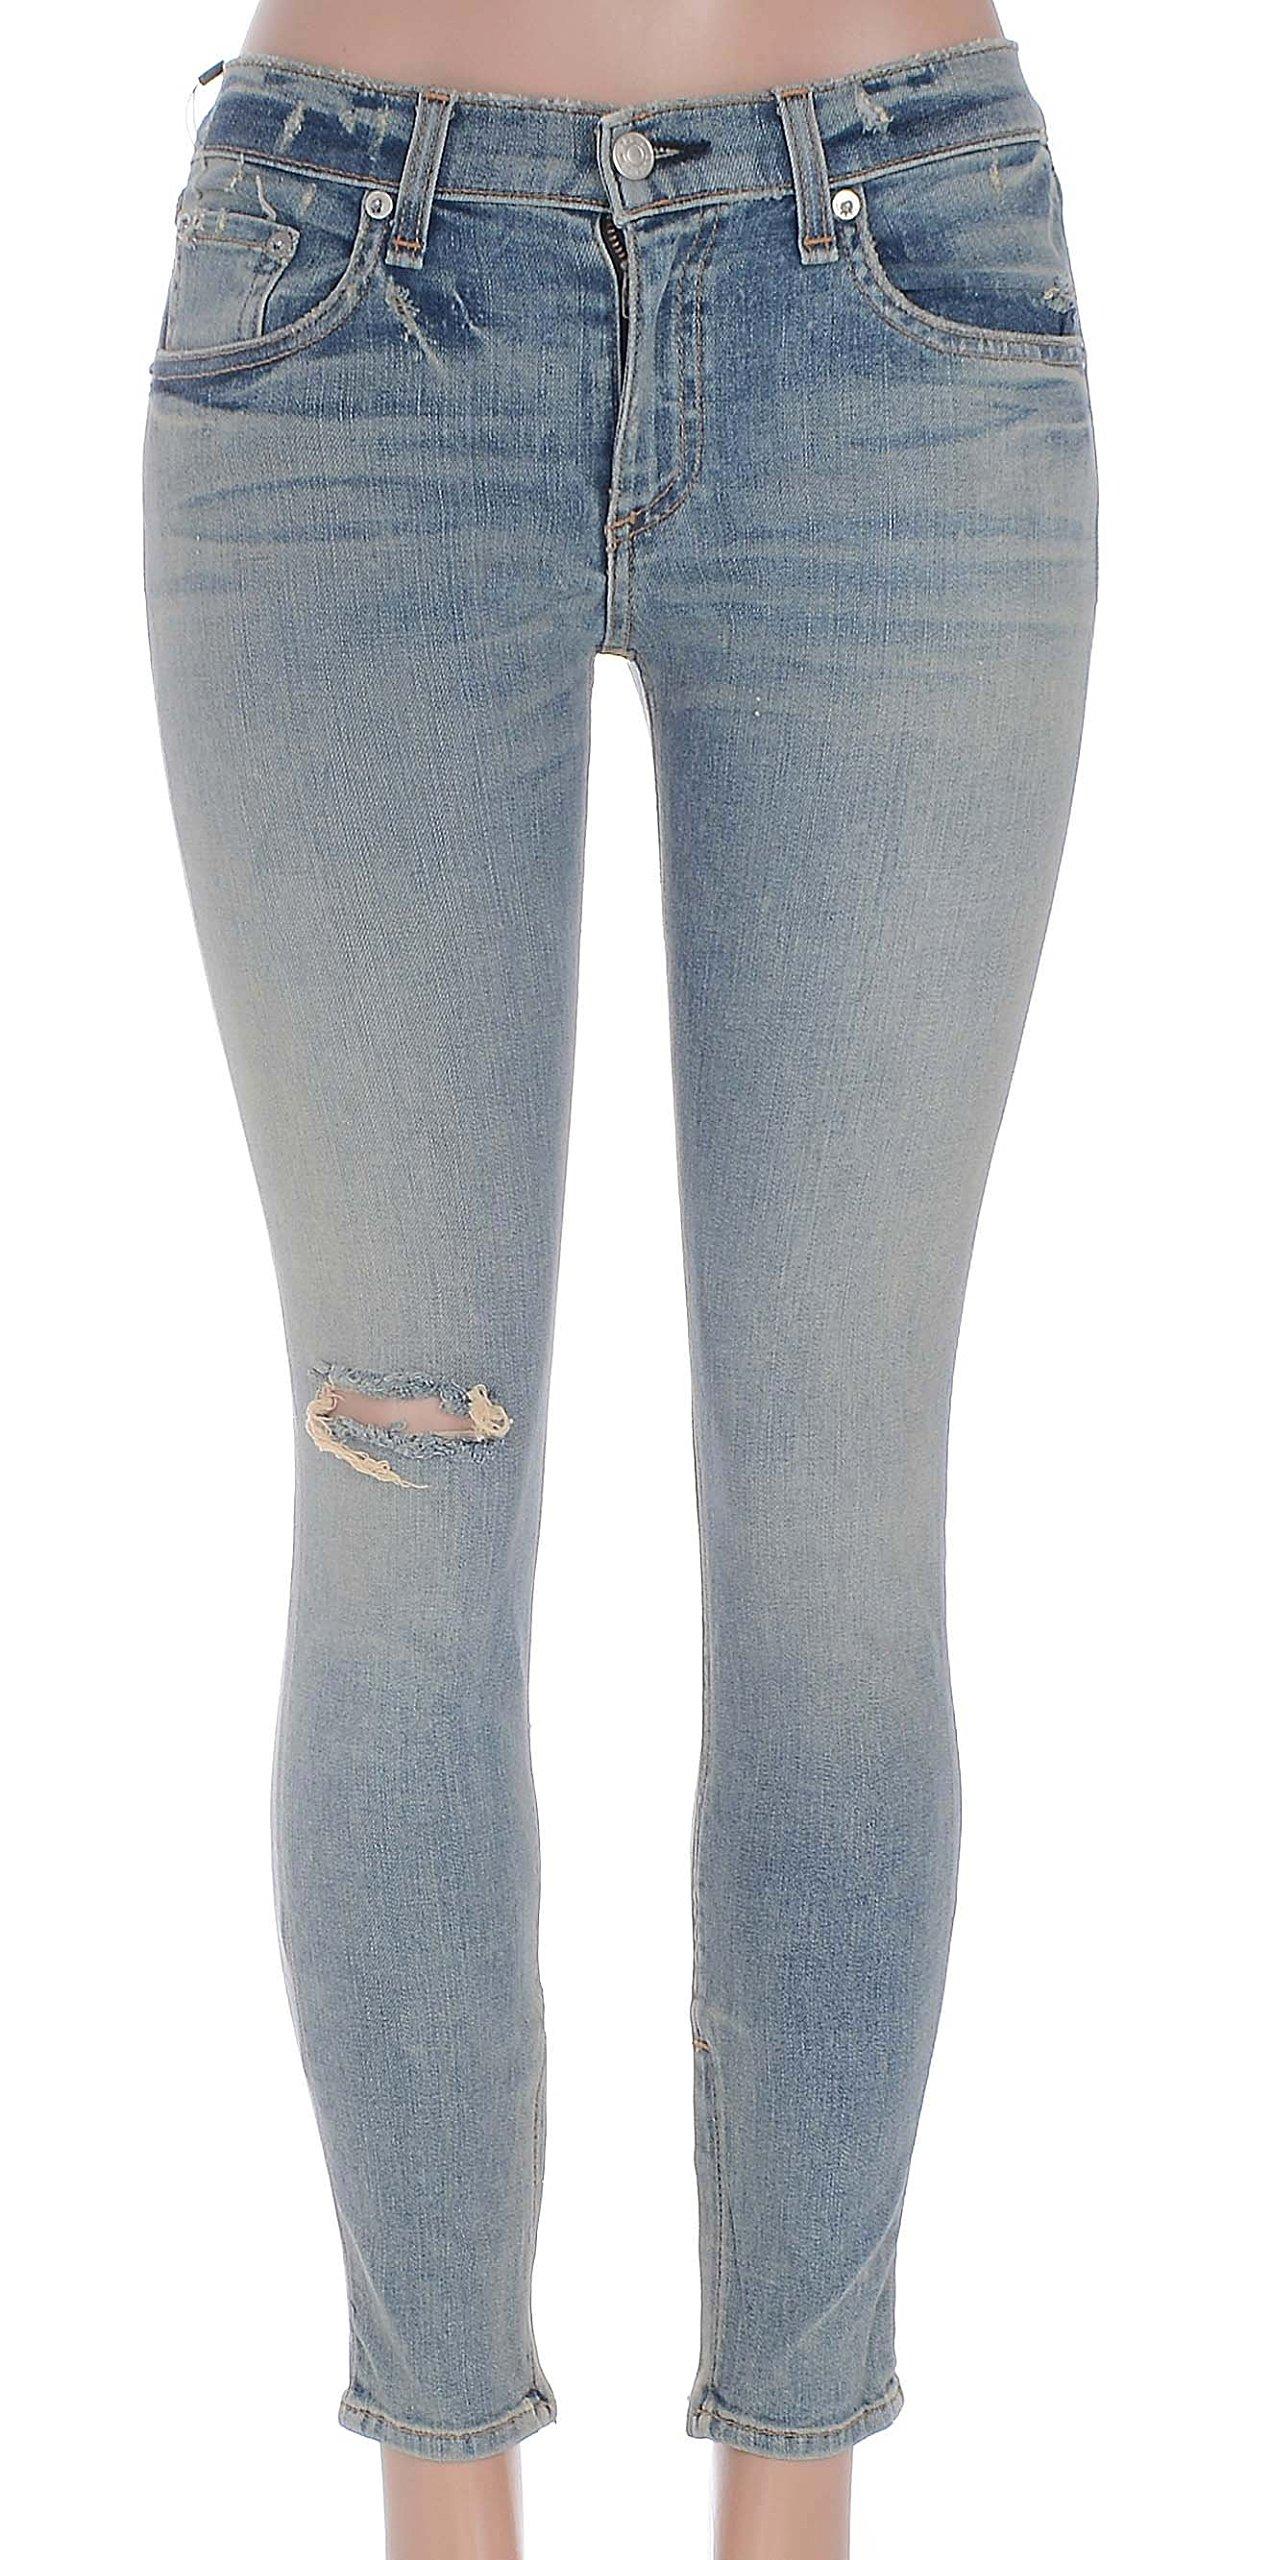 Rag & Bone Womens Zipper Capri Skinny Jeans Size 27 in Water St (27x27, Water st) by Rag & Bone/JEAN